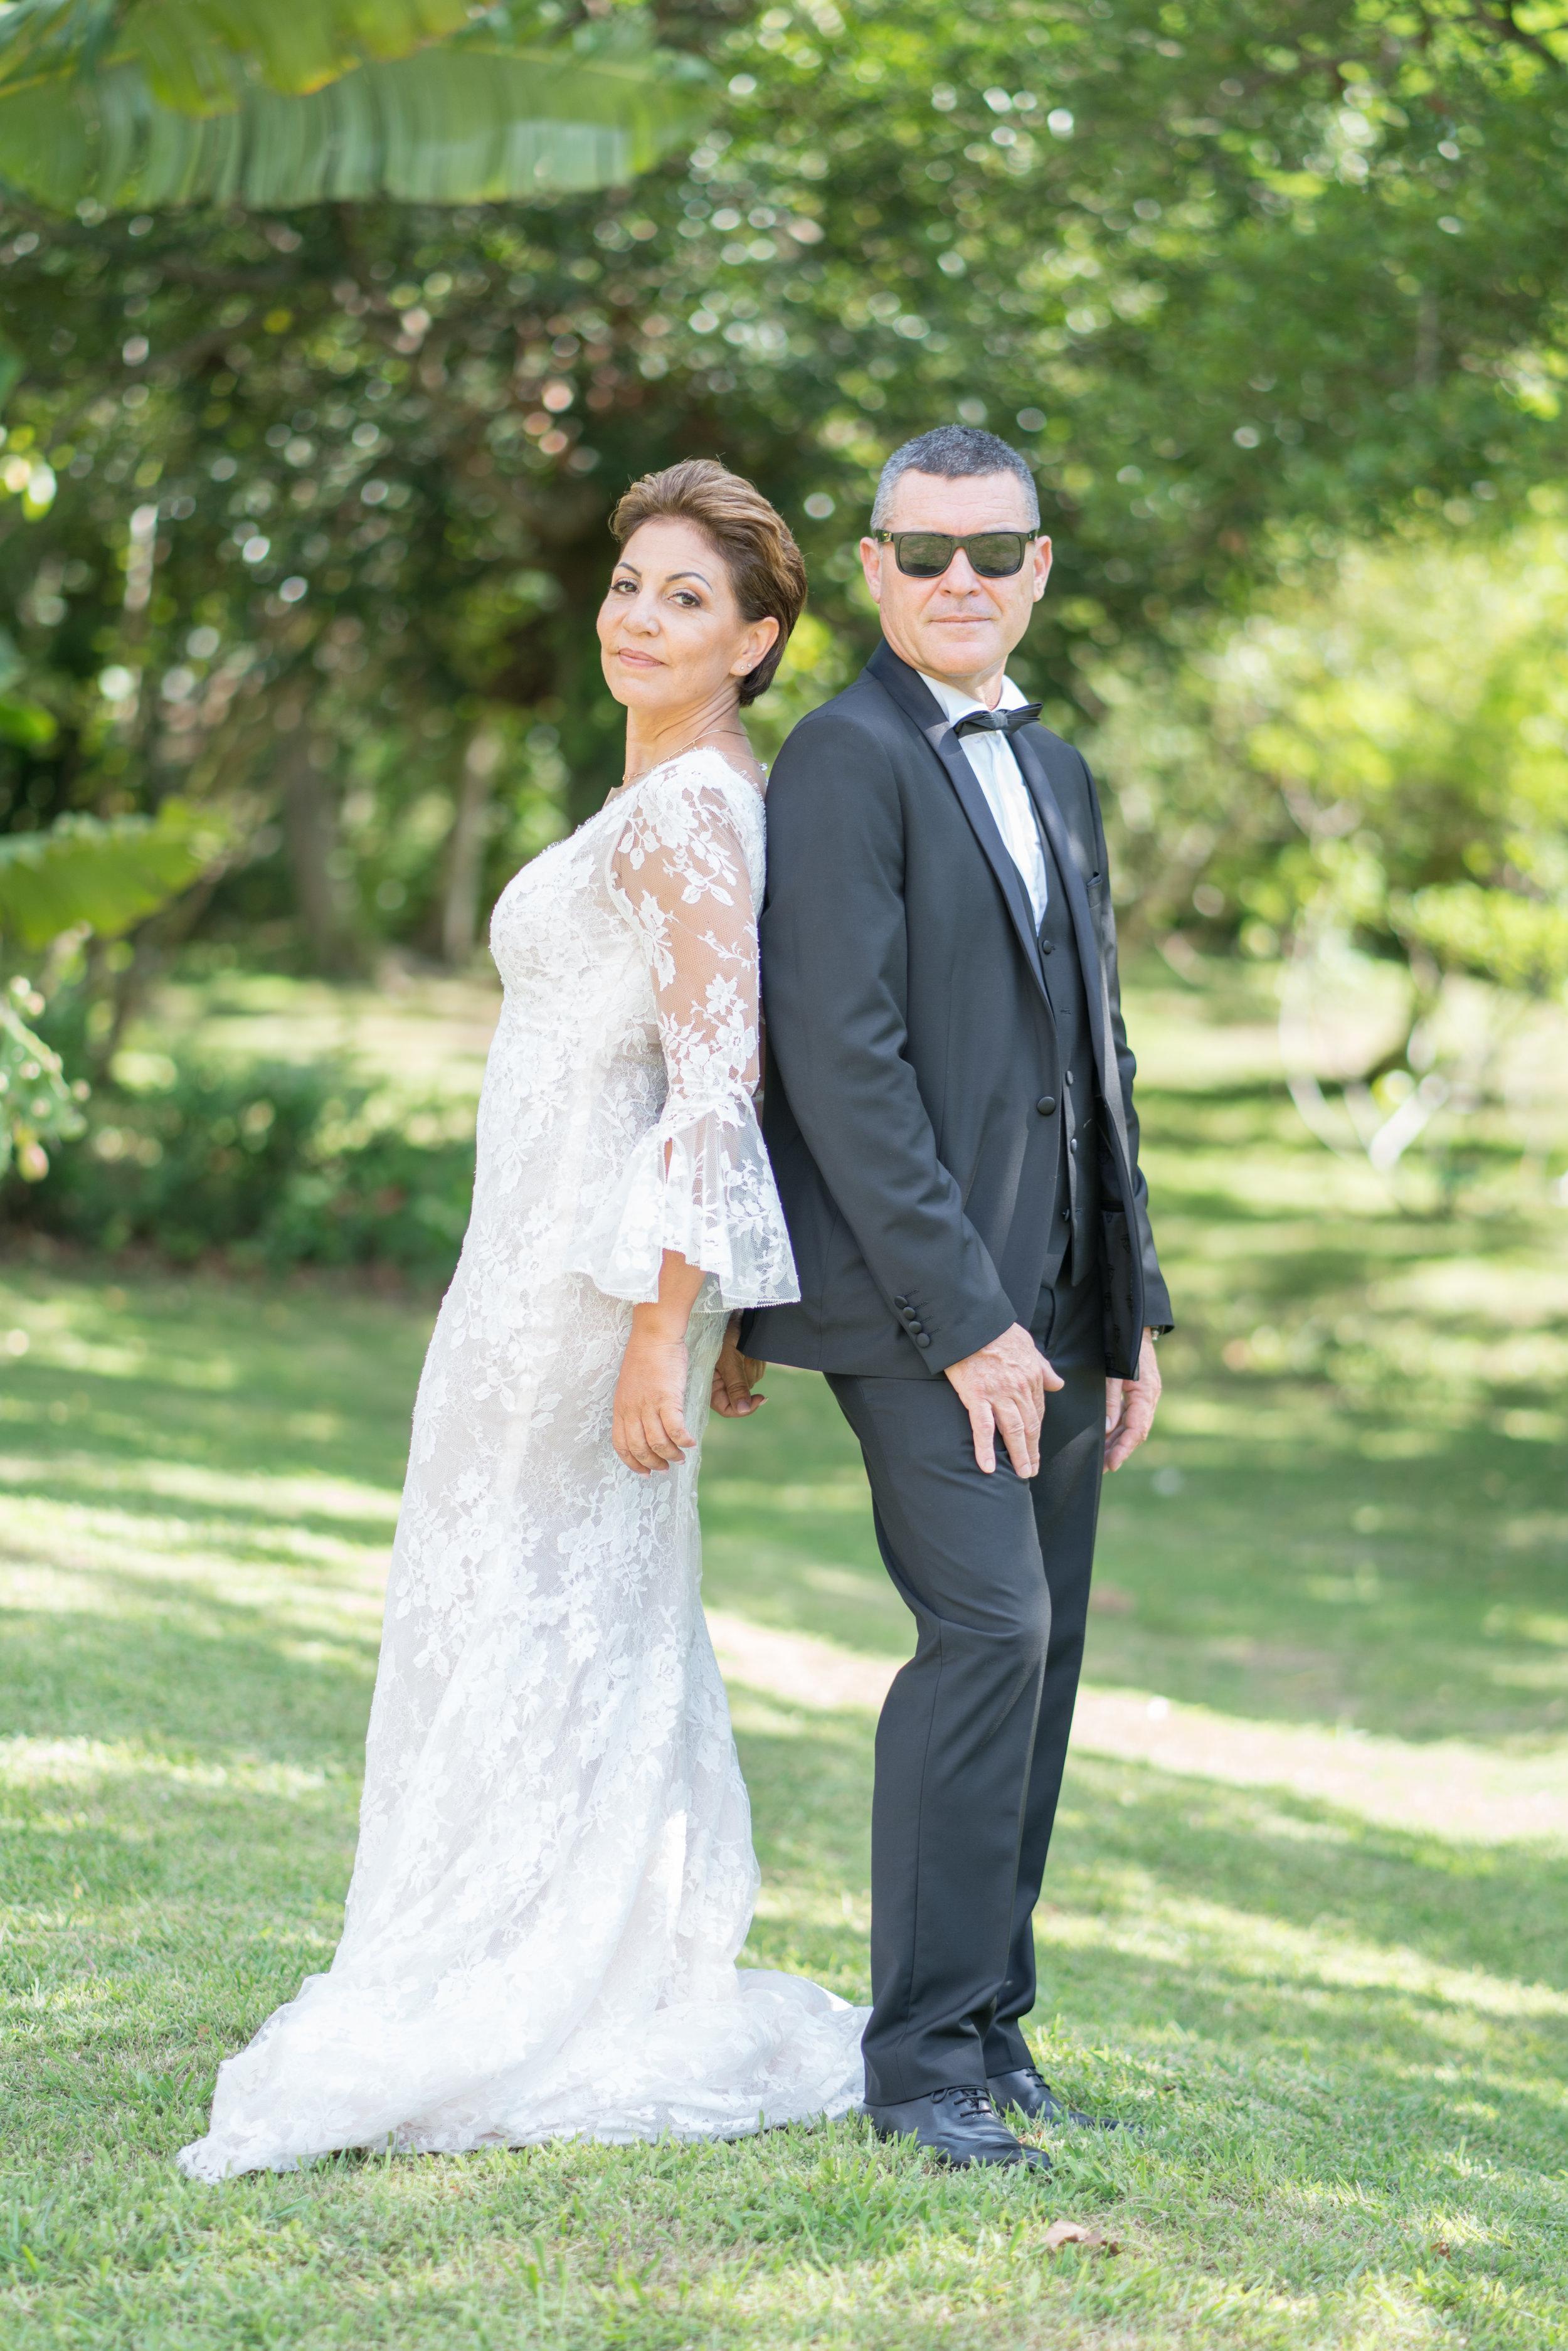 MRevenement organisation de mariage à la Réunion _ Mariage de B et JC (14).jpg